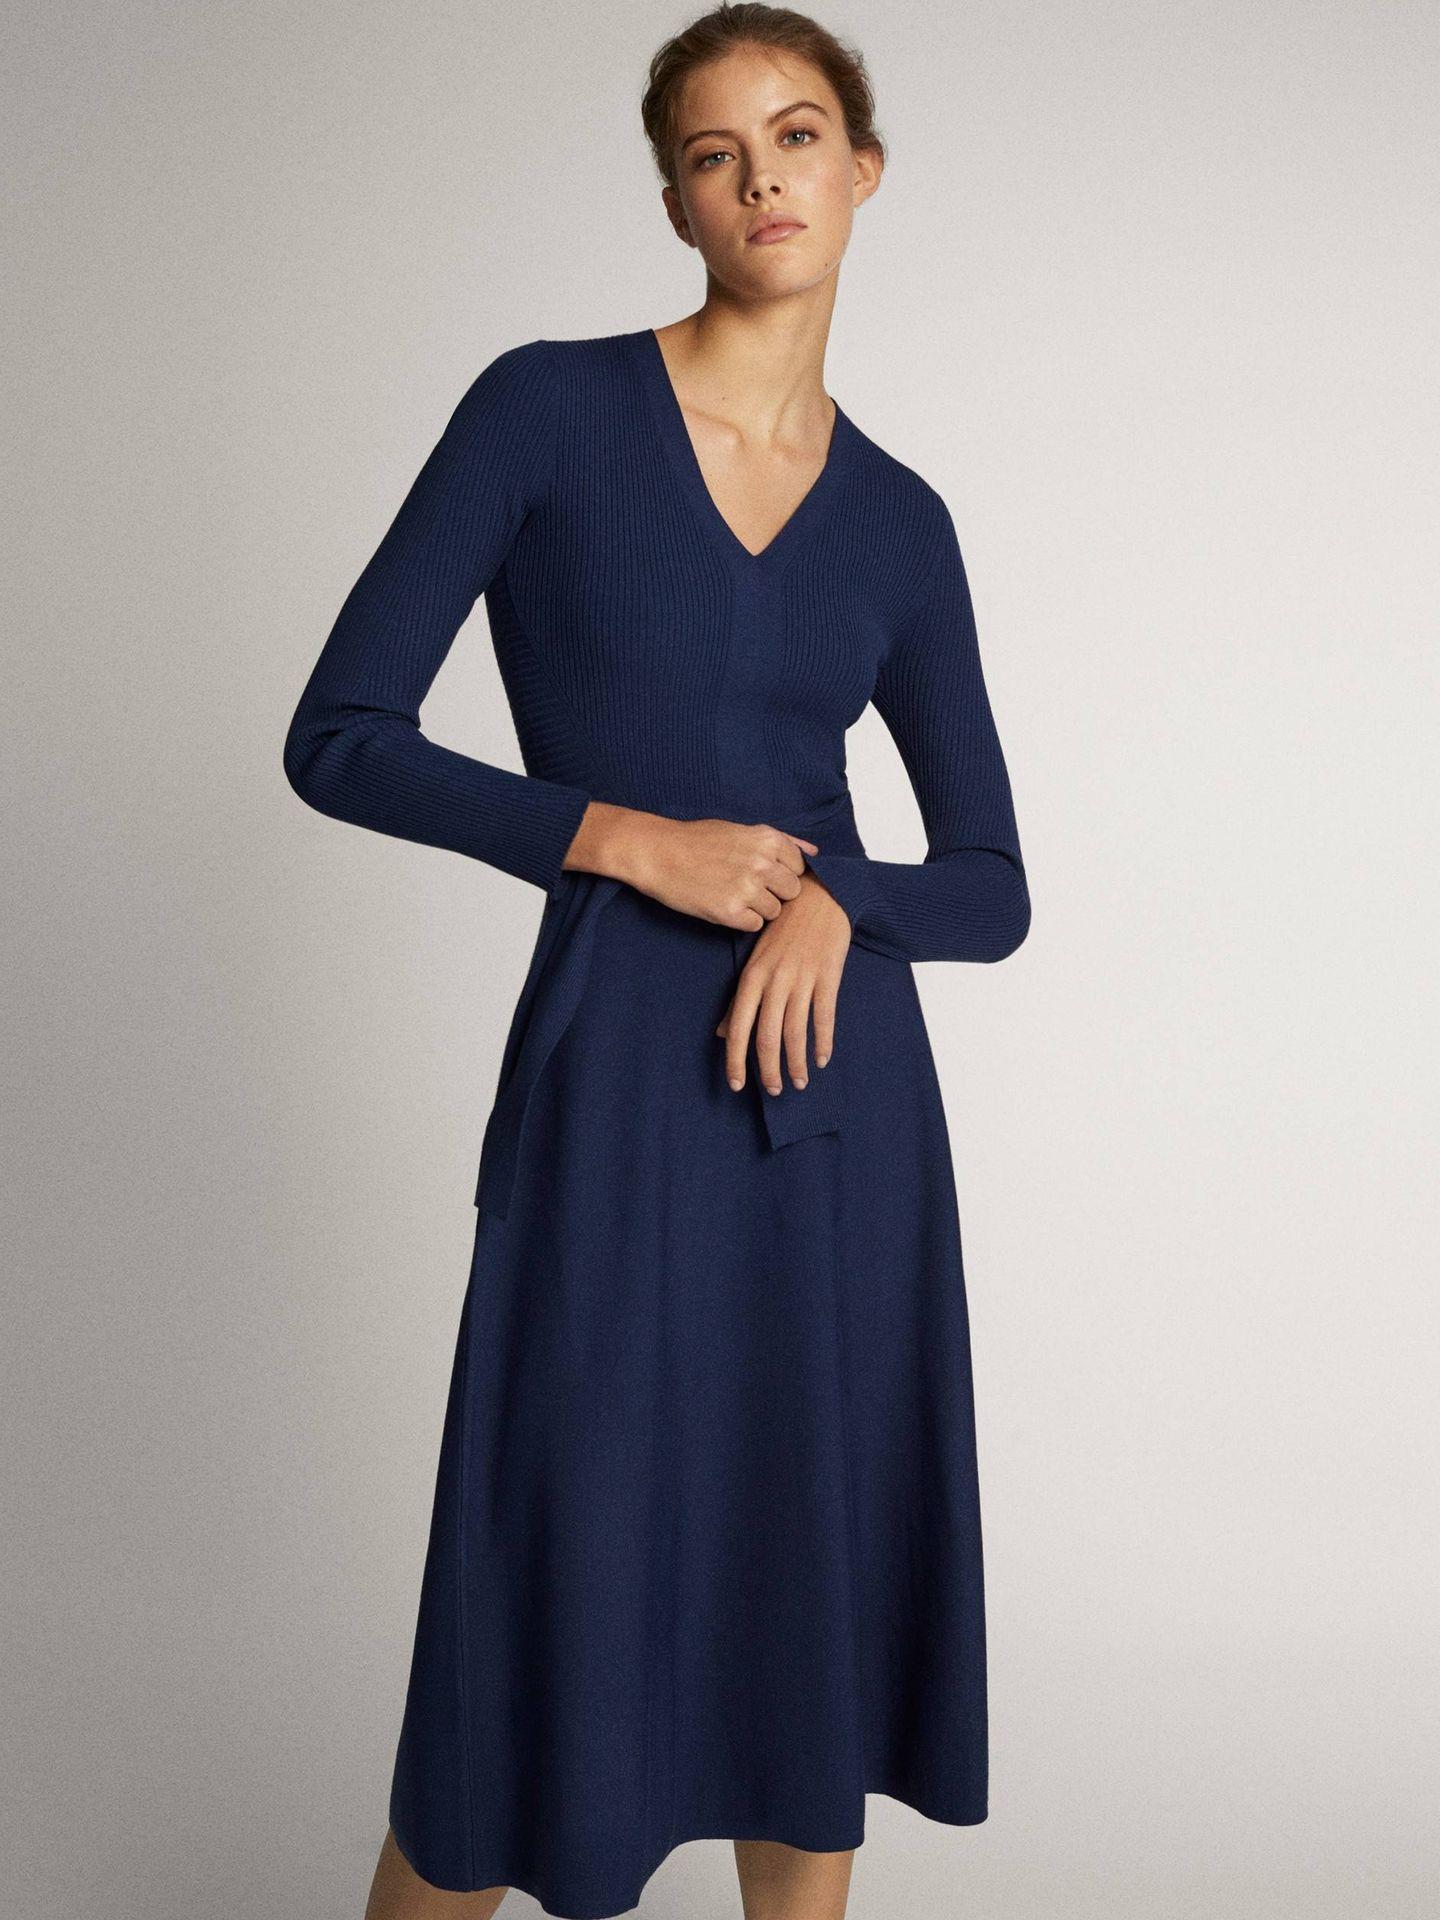 El vestido de Massimo Dutti de la reina Letizia. (Cortesía)